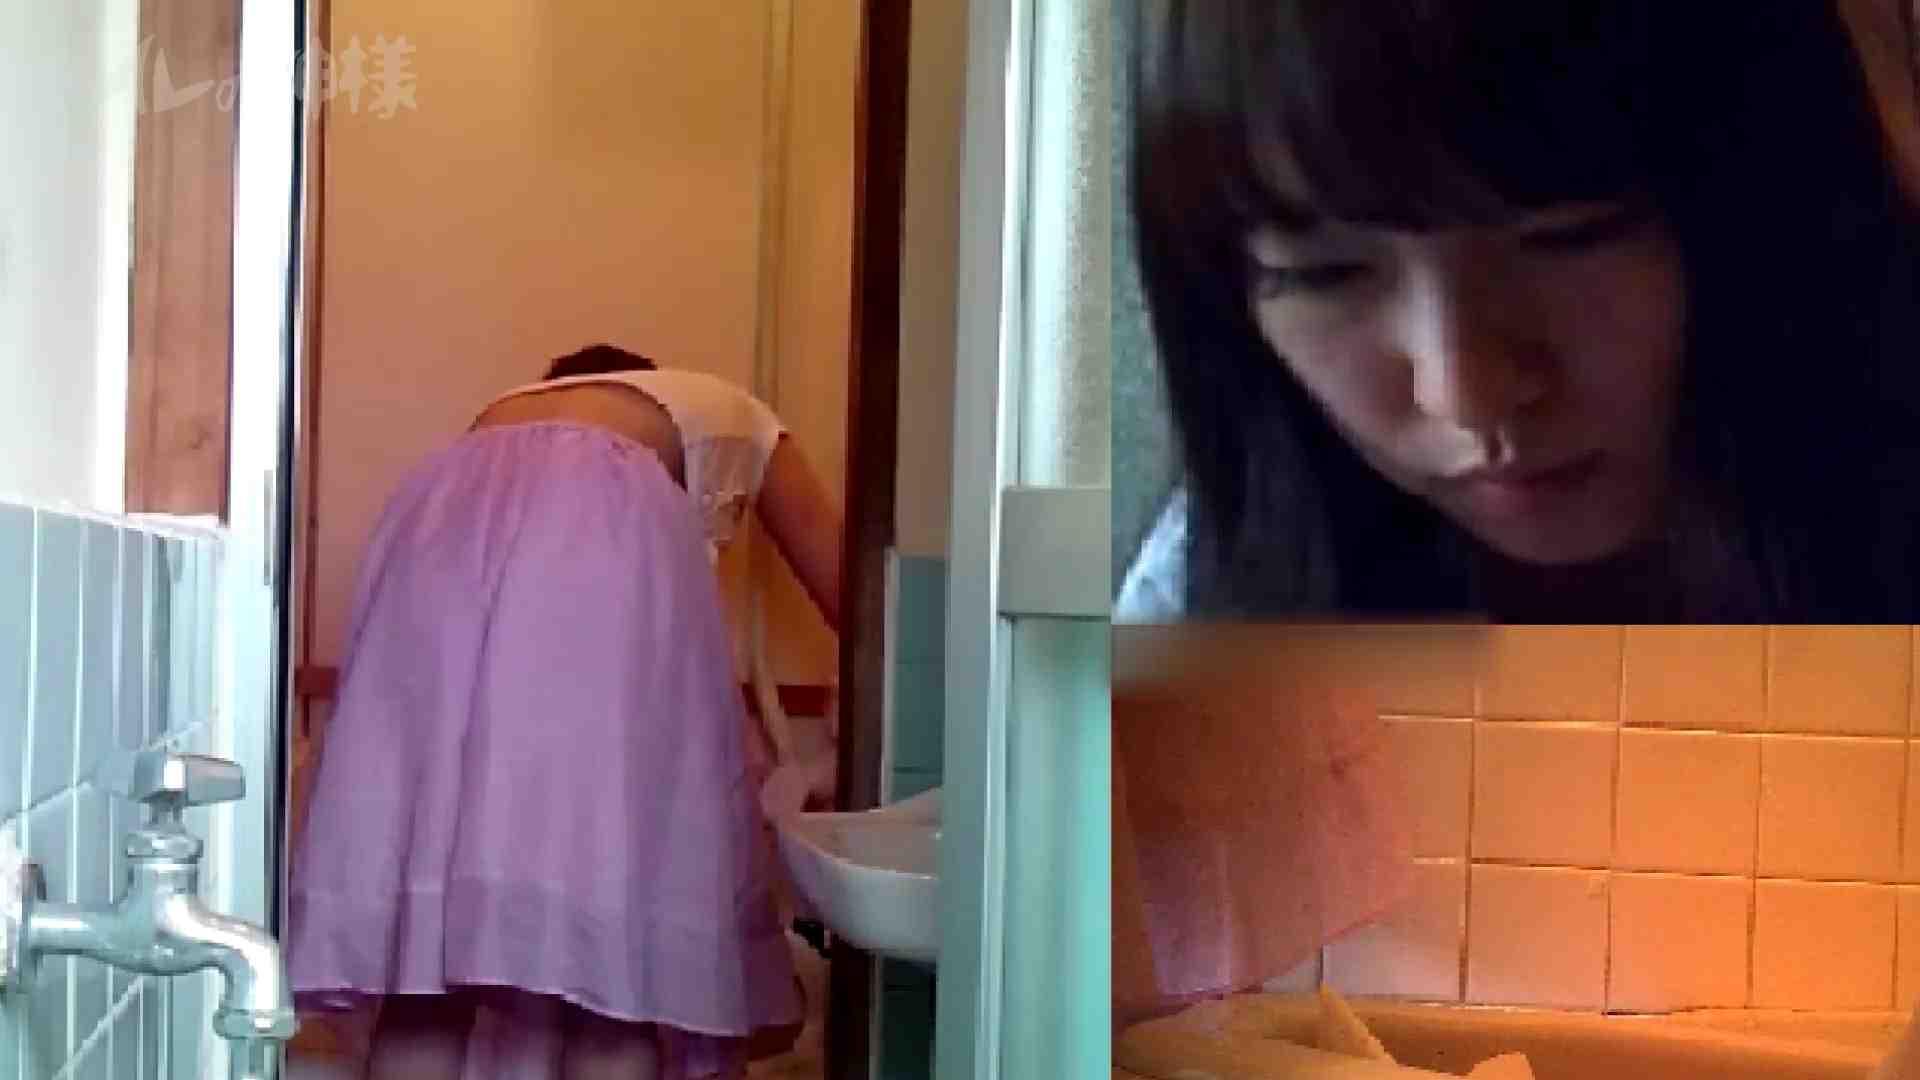 トイレの神様 Vol.09 美女のGEBOきれいに撮っています 美女達のヌード | トイレ中  75連発 74